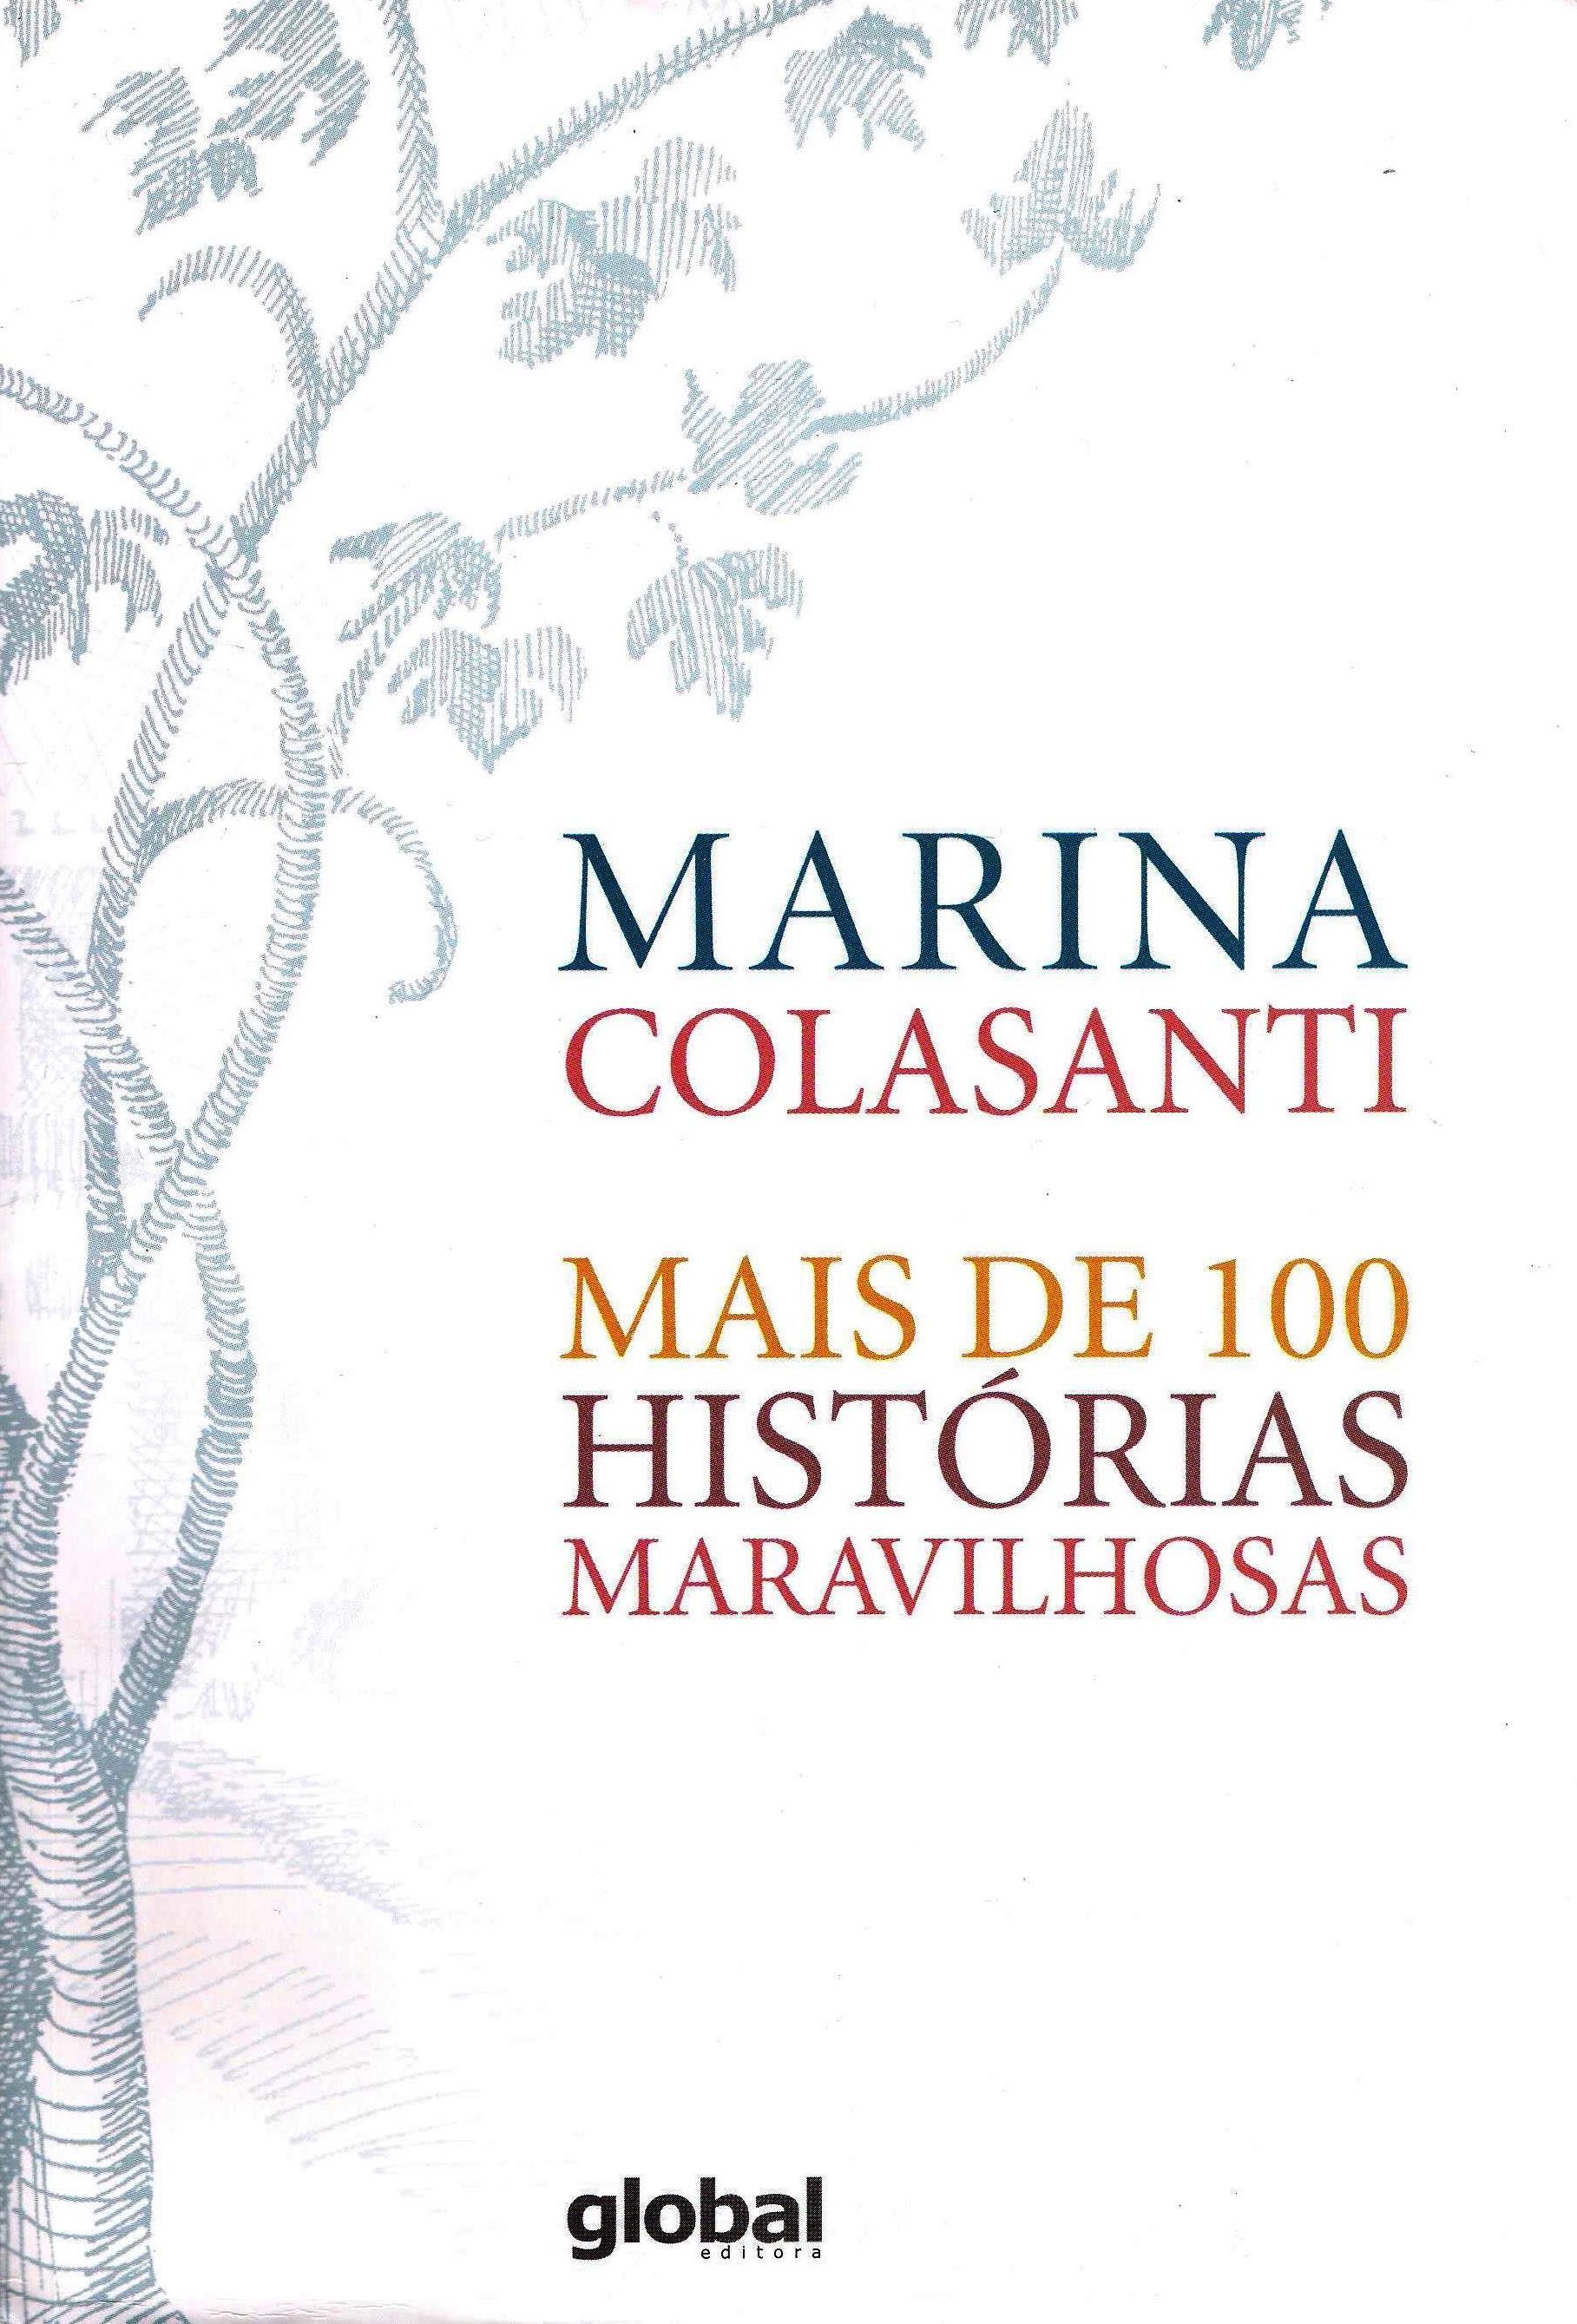 Maisde100historiasmaravilhosas_Marina_Colasanti